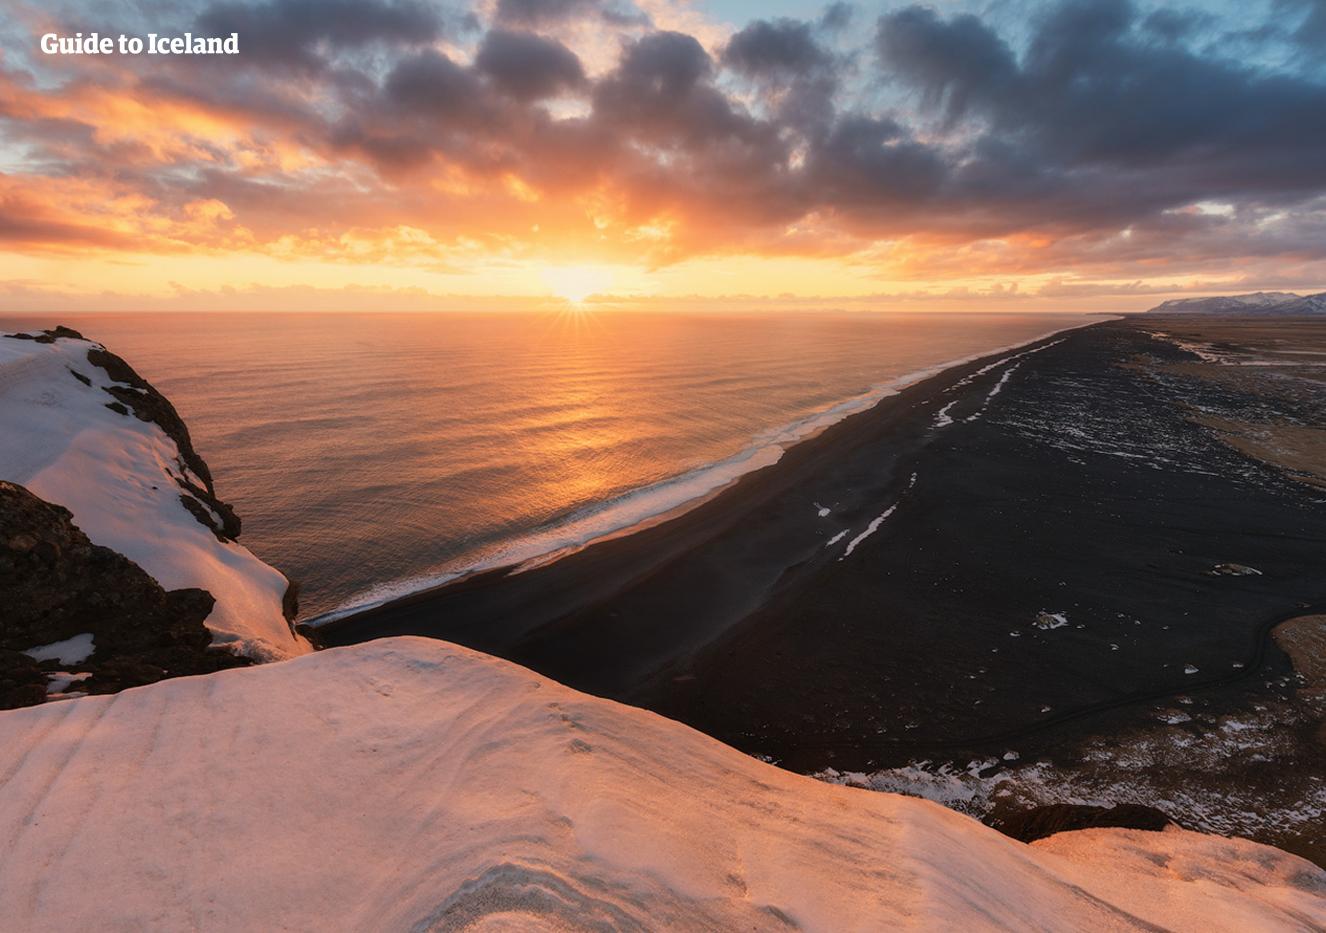 De vele kleuren van de zuidkust, met de rode avondhemel boven poederachtige witte sneeuw op het zwarte zandstrand van Reynisfjara